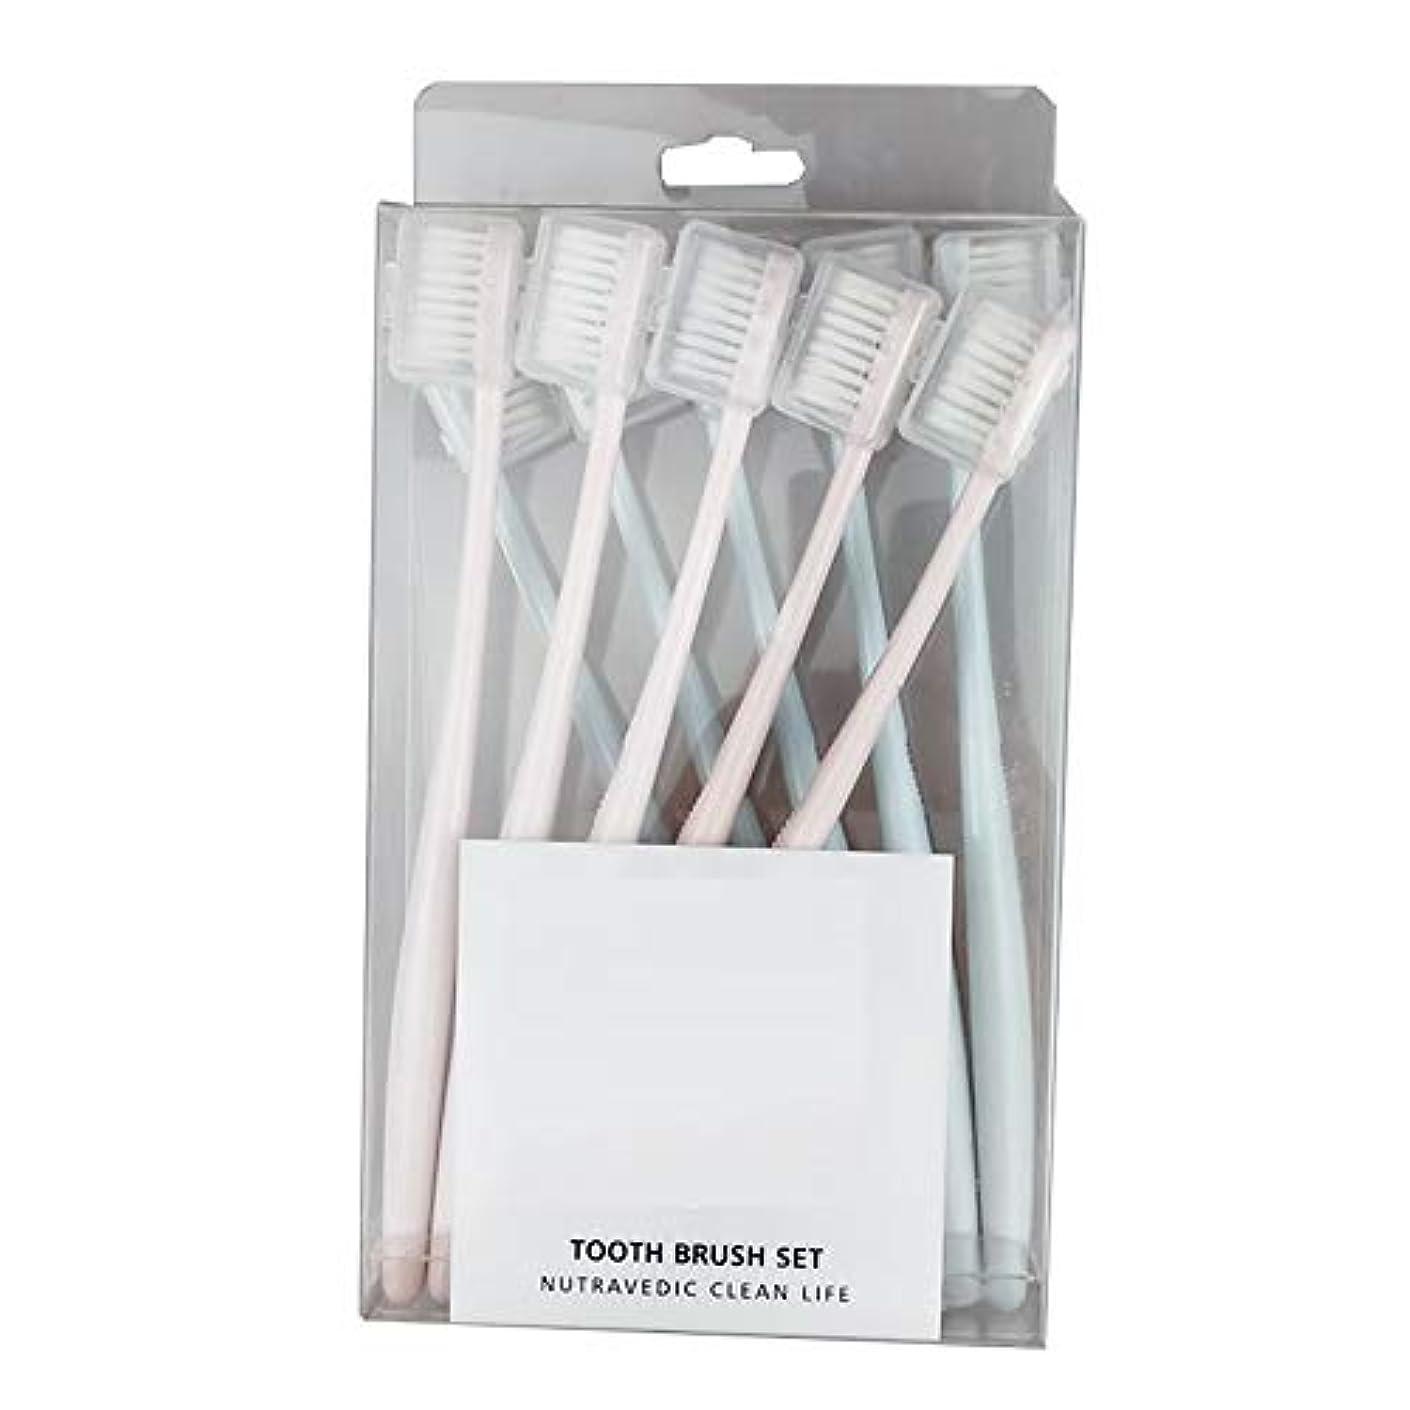 に話す額アルファベット歯ブラシ 竹炭歯ブラシ、アダルトソフト歯ブラシ、活性炭ホワイトニング - 使用できるスタイルの3種類 KHL (サイズ : A - 10 packs)